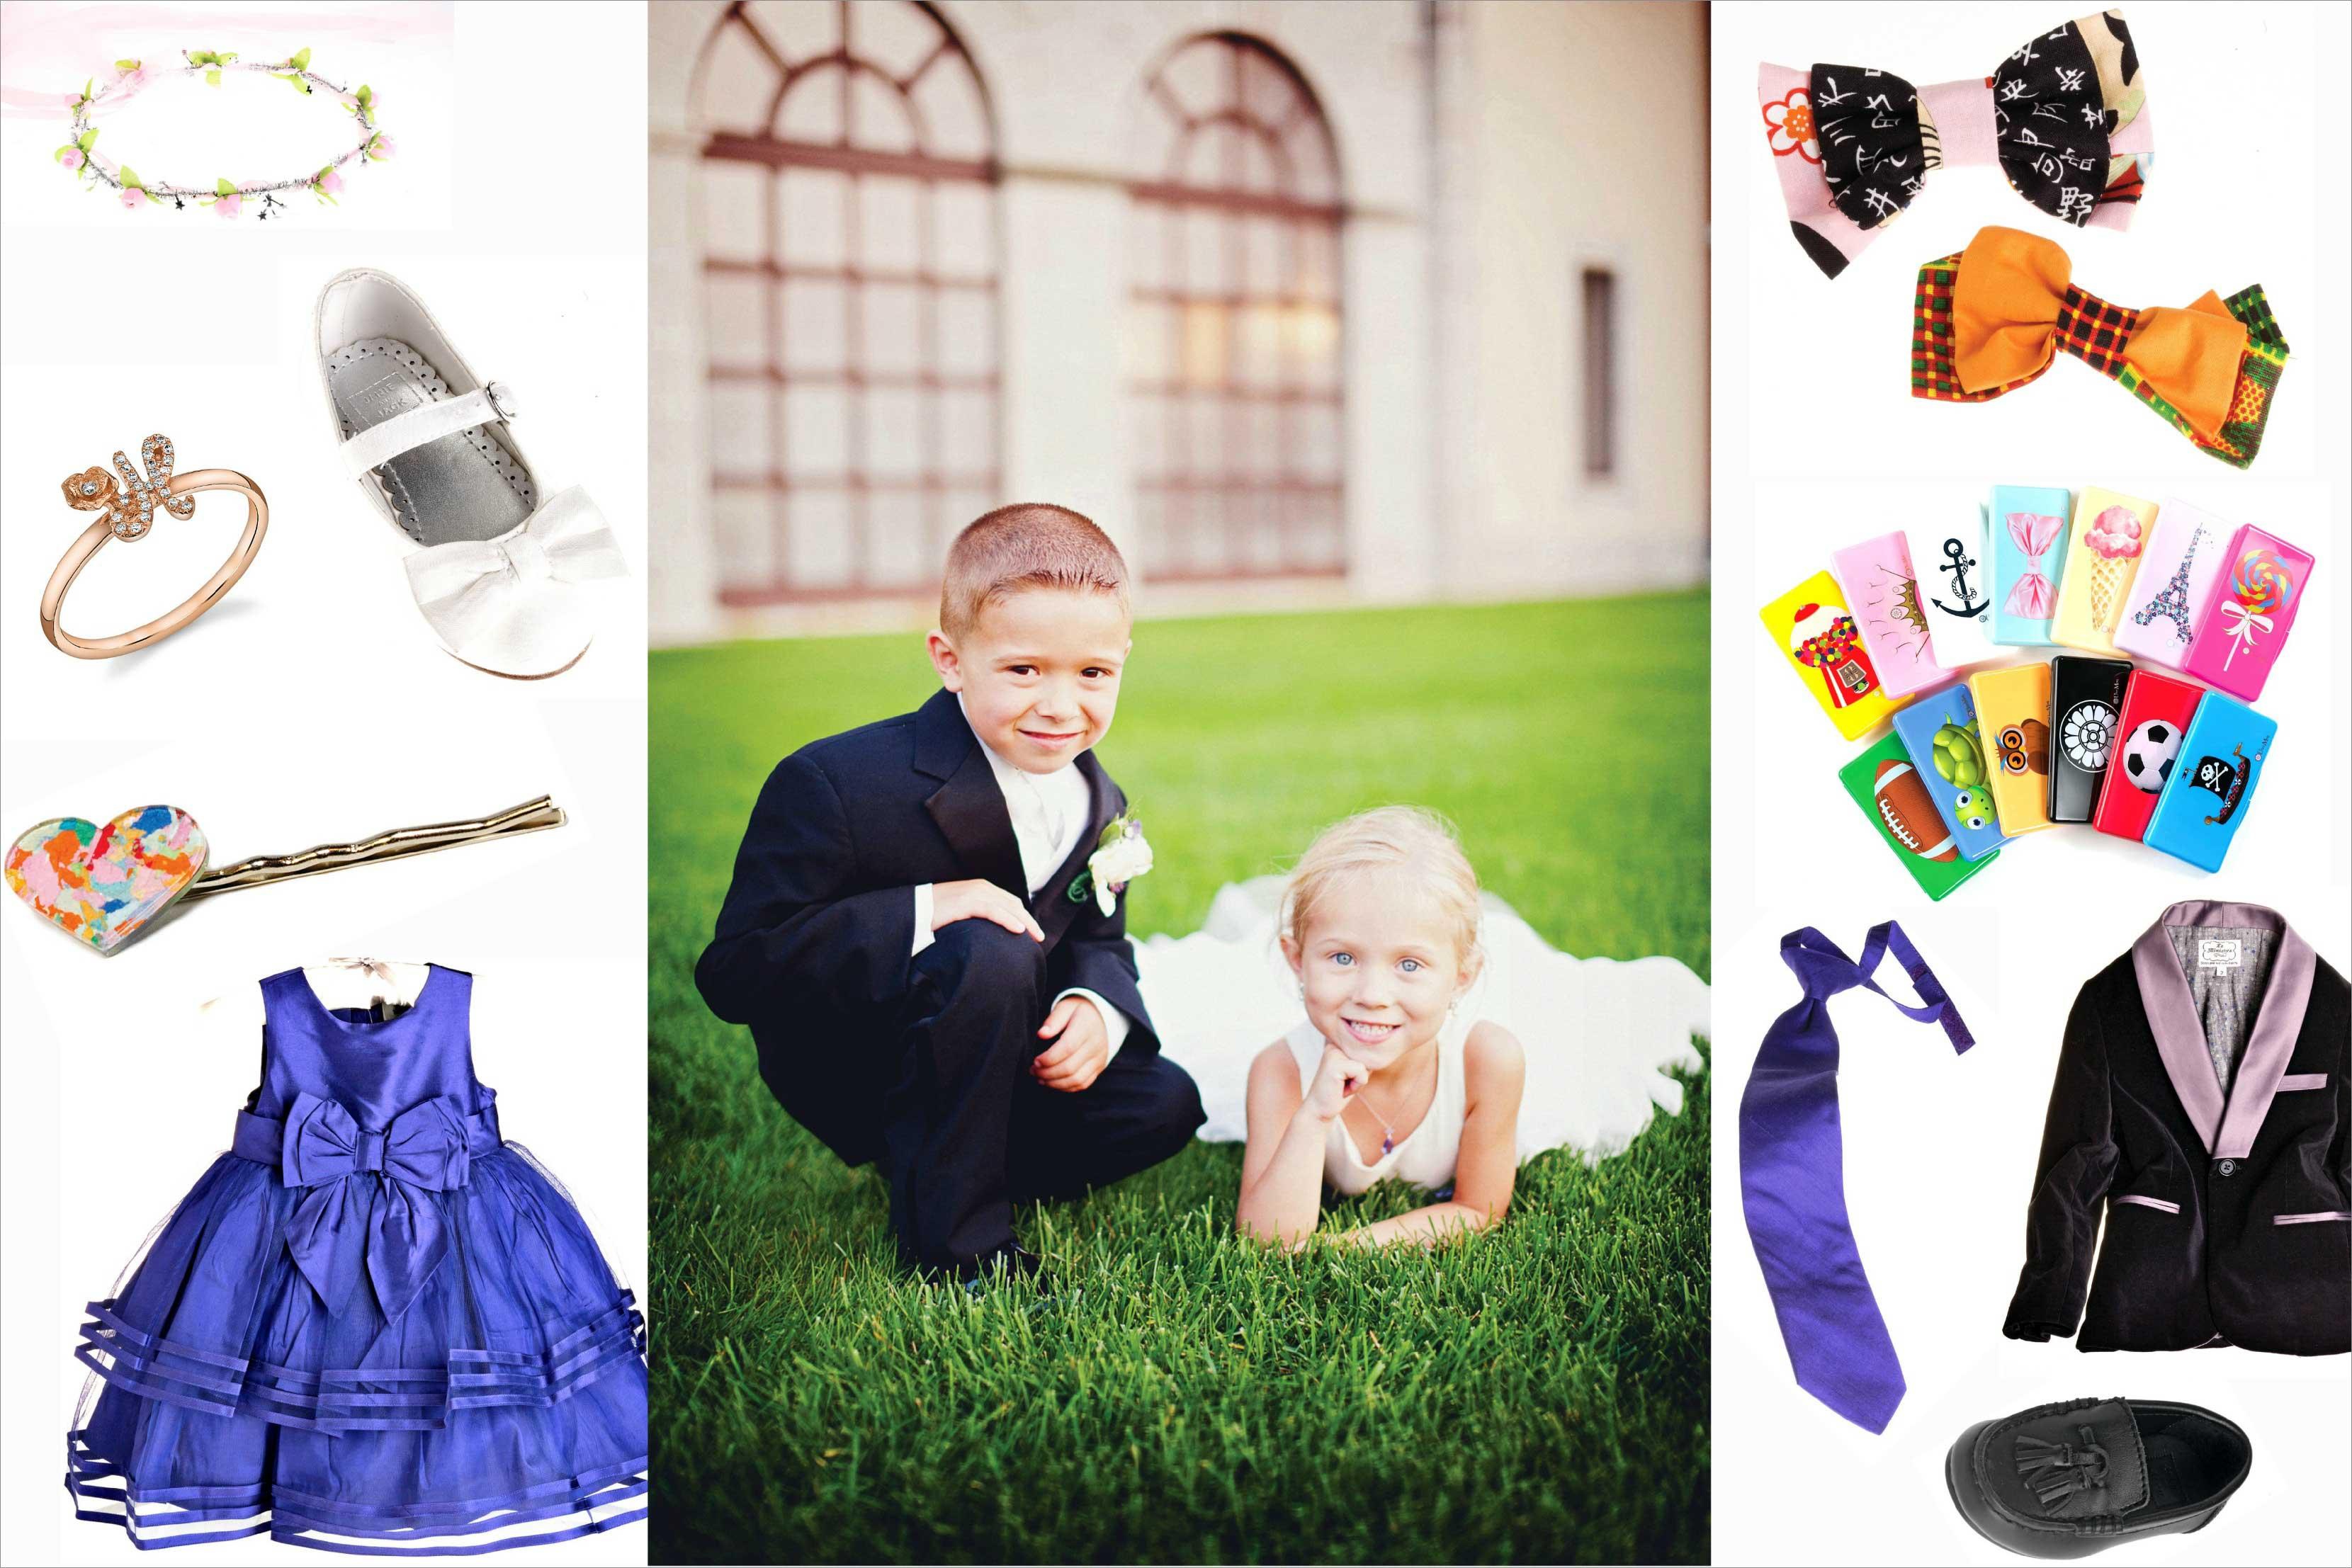 Sean Parker Wedding Flower Girl & Ring Bearer Inspiration